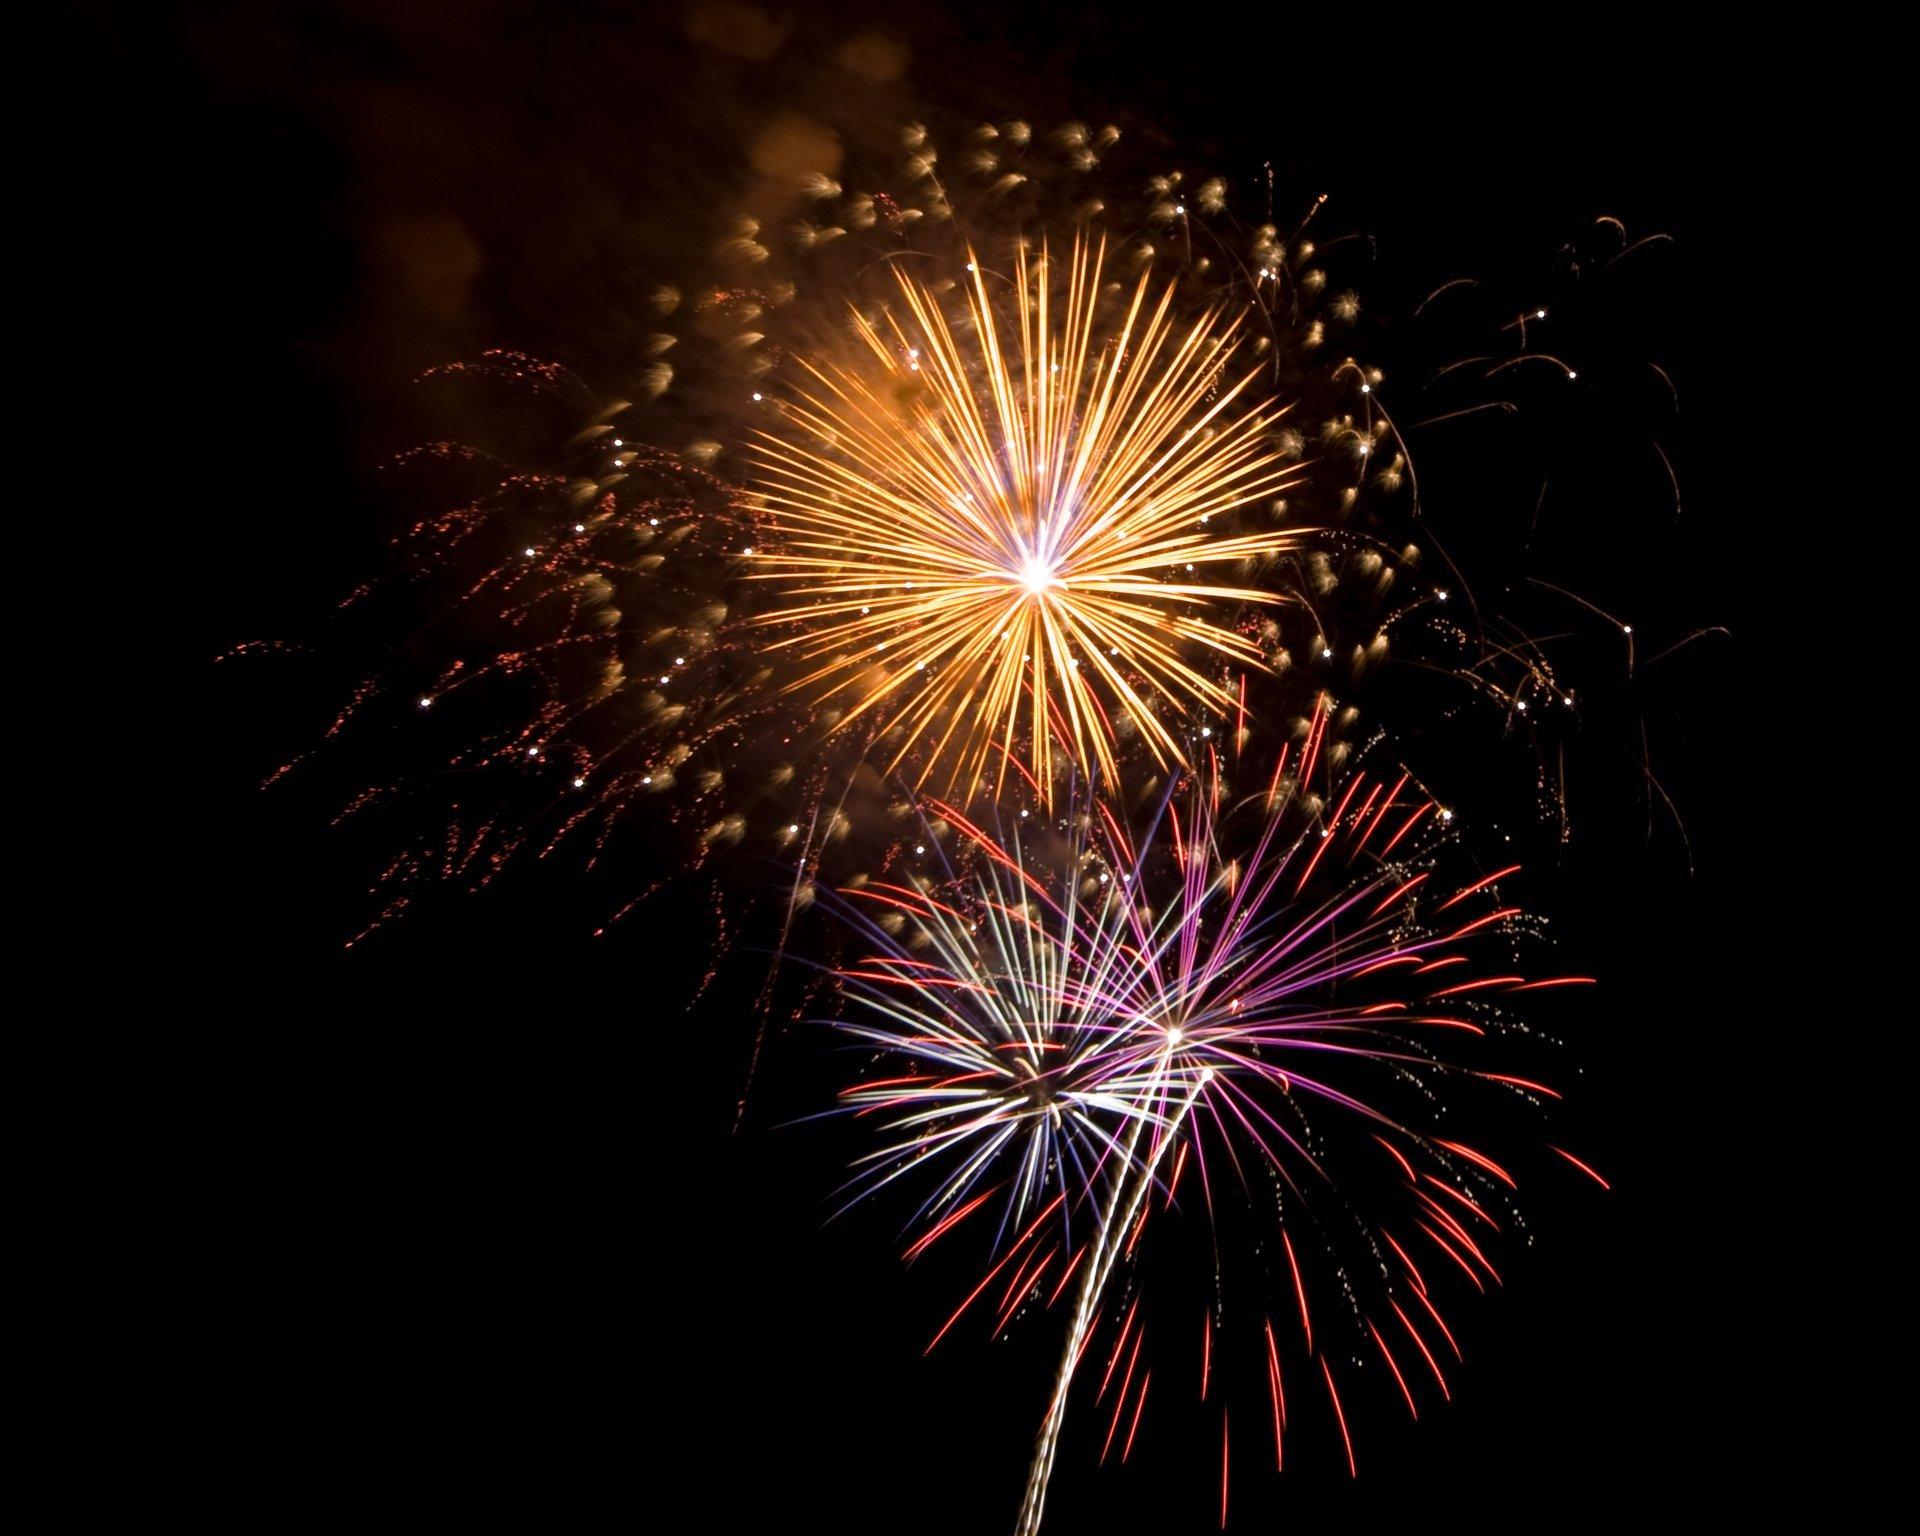 4th of July fireworks in Havre de Grace 2020